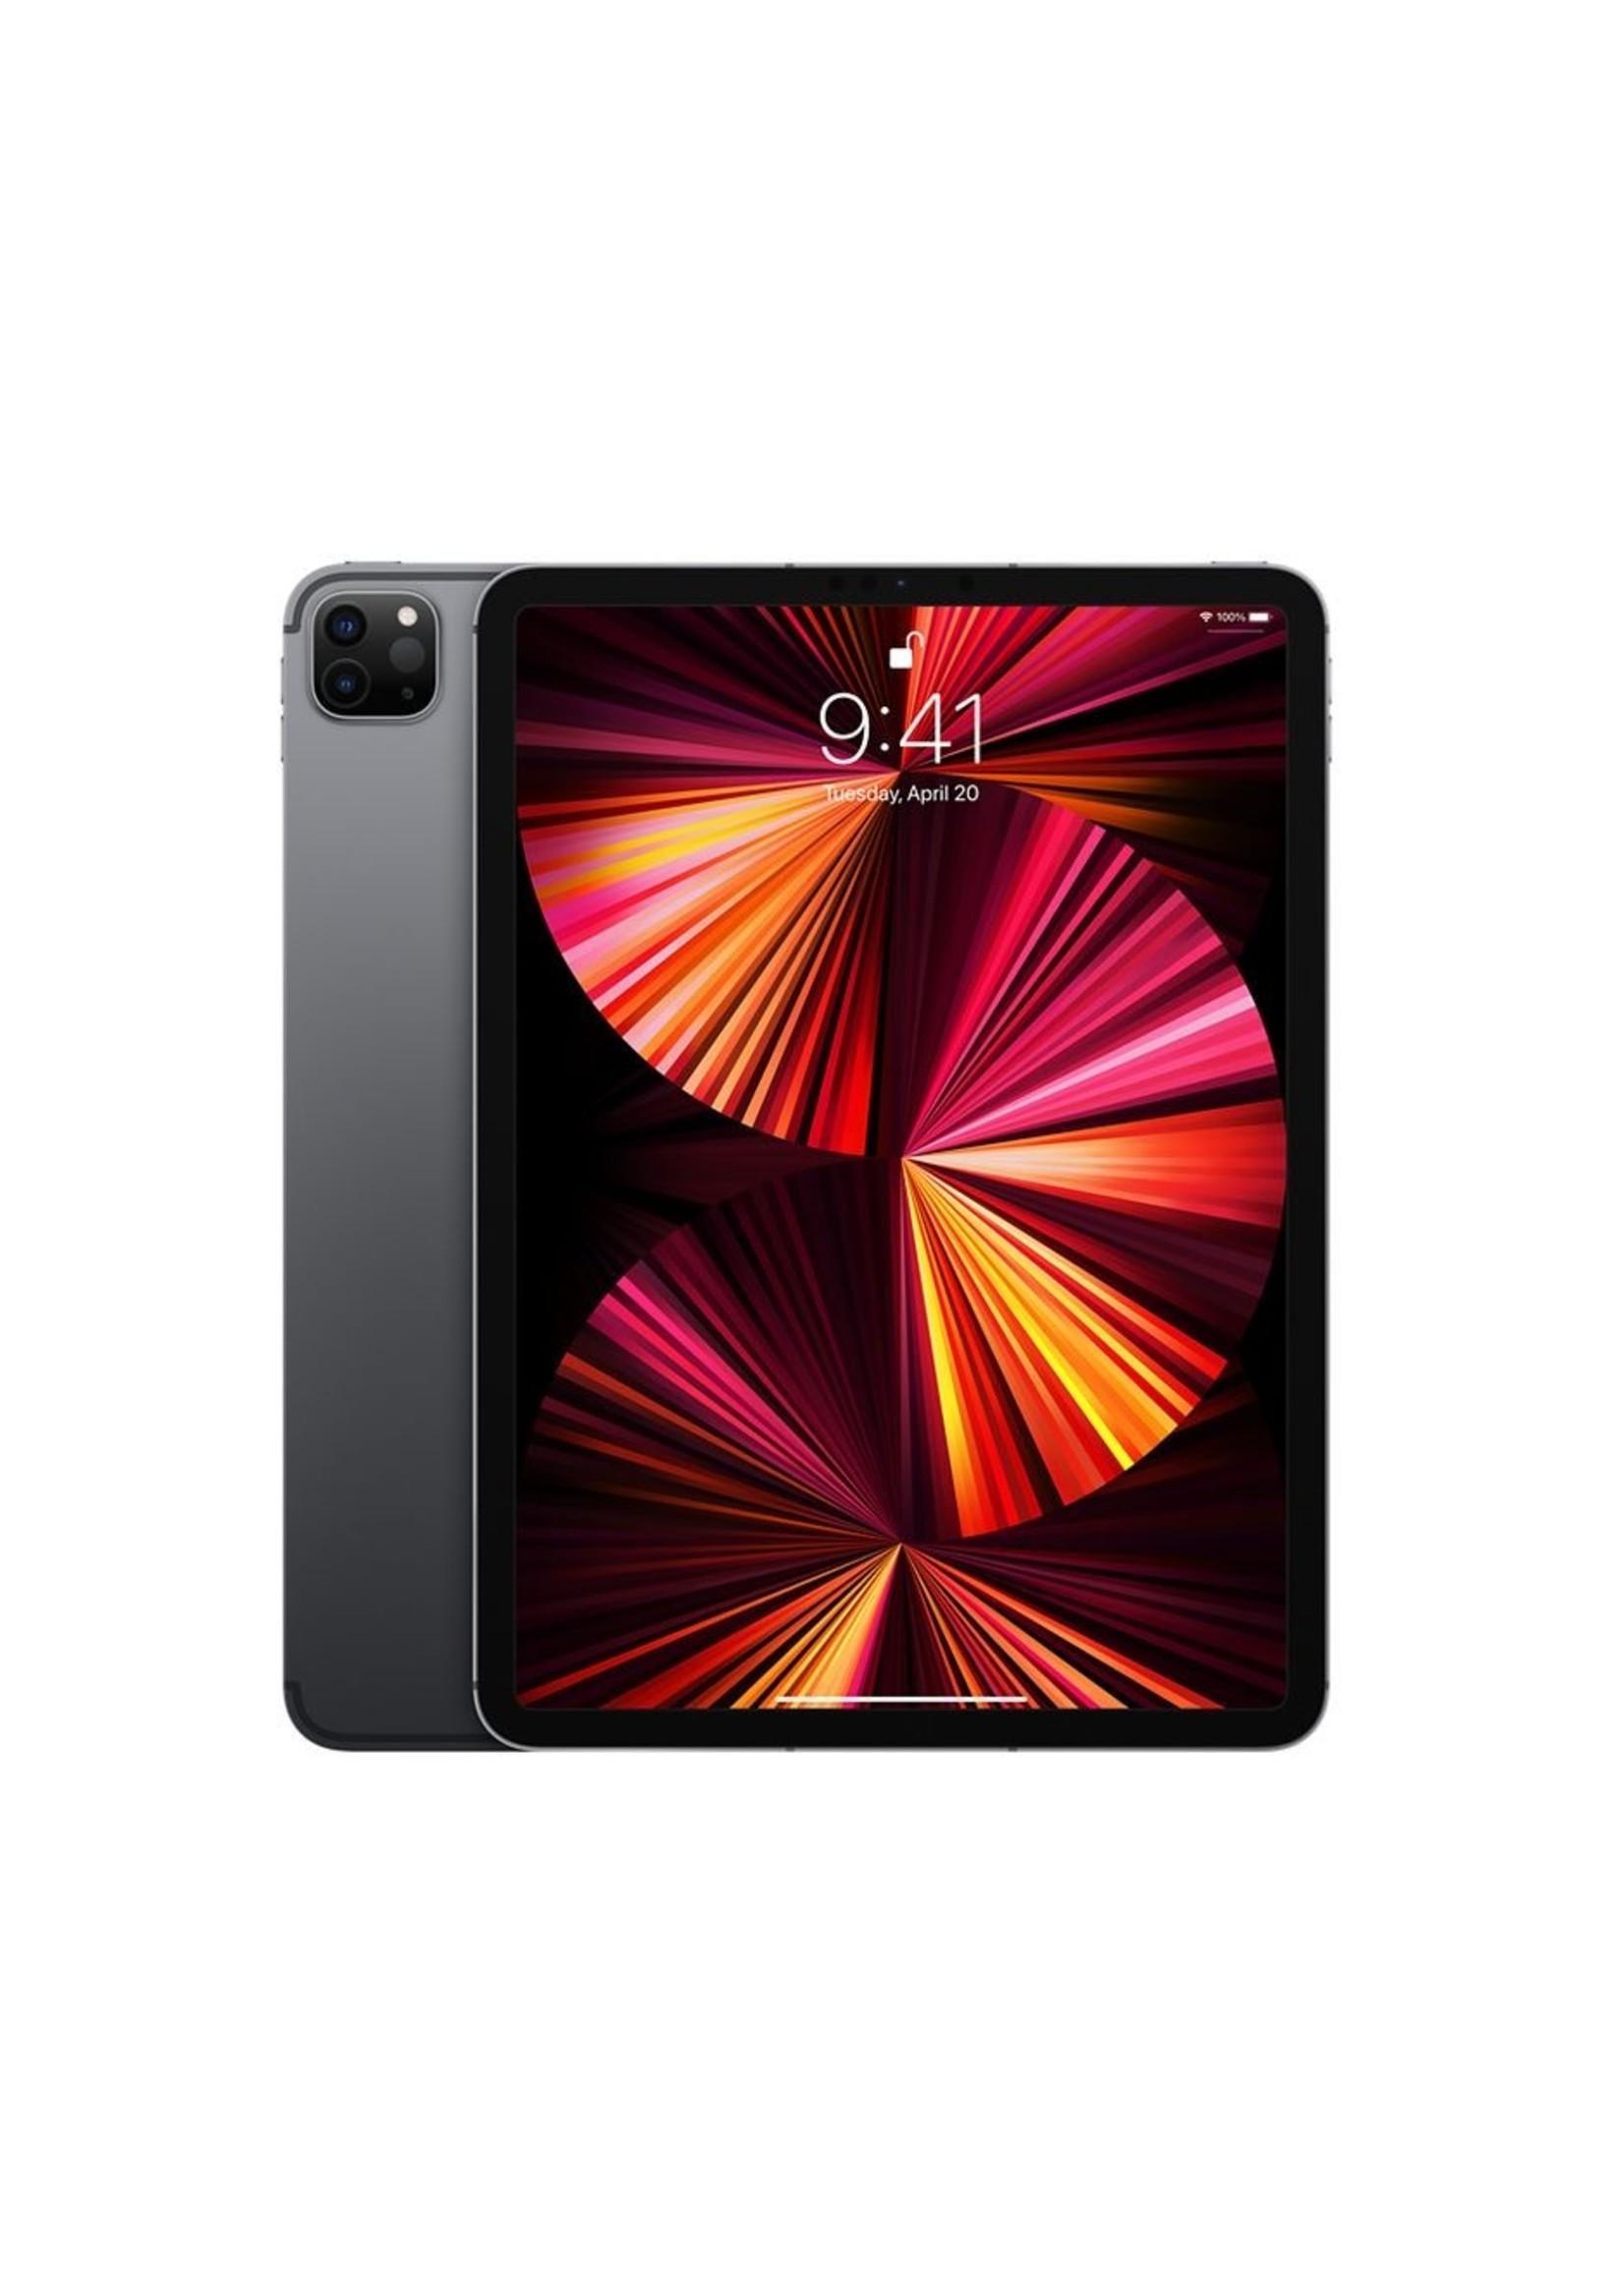 Apple iPad Pro 12.9-inch Wi-Fi 256GB Space Gray